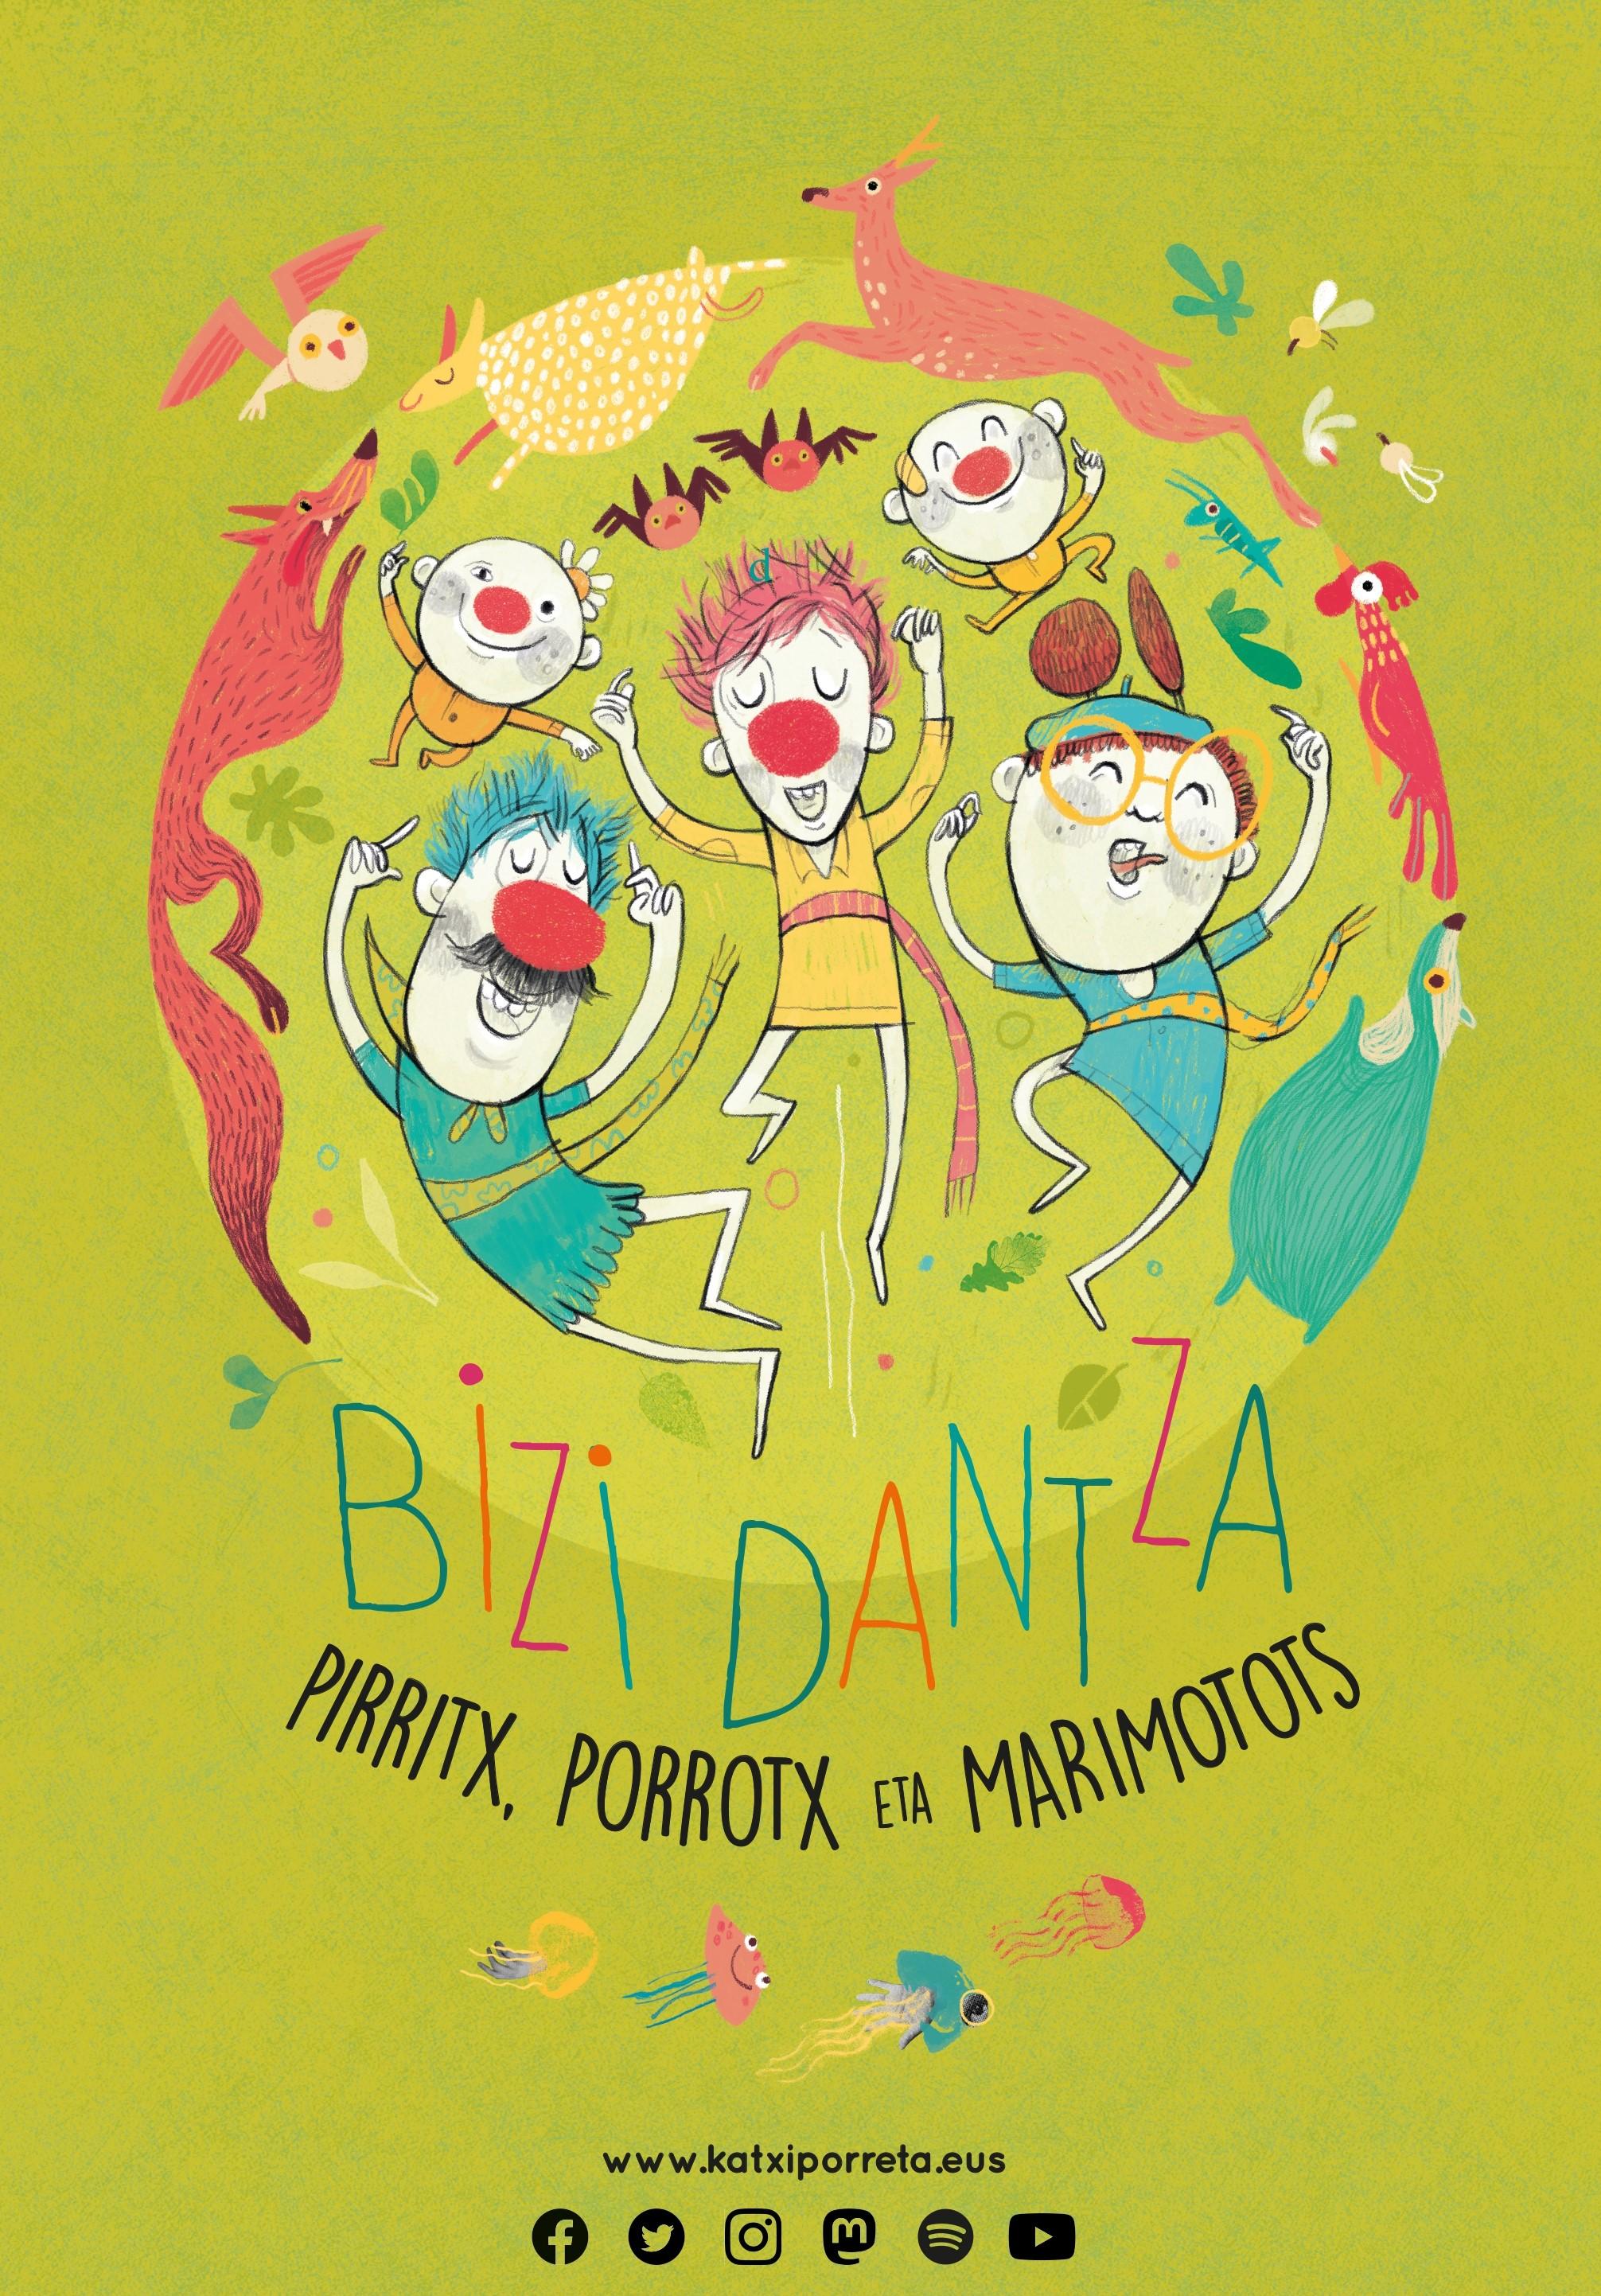 PIRRITX, PORROTX eta MARIMOTOTS 'Bizi dantza'